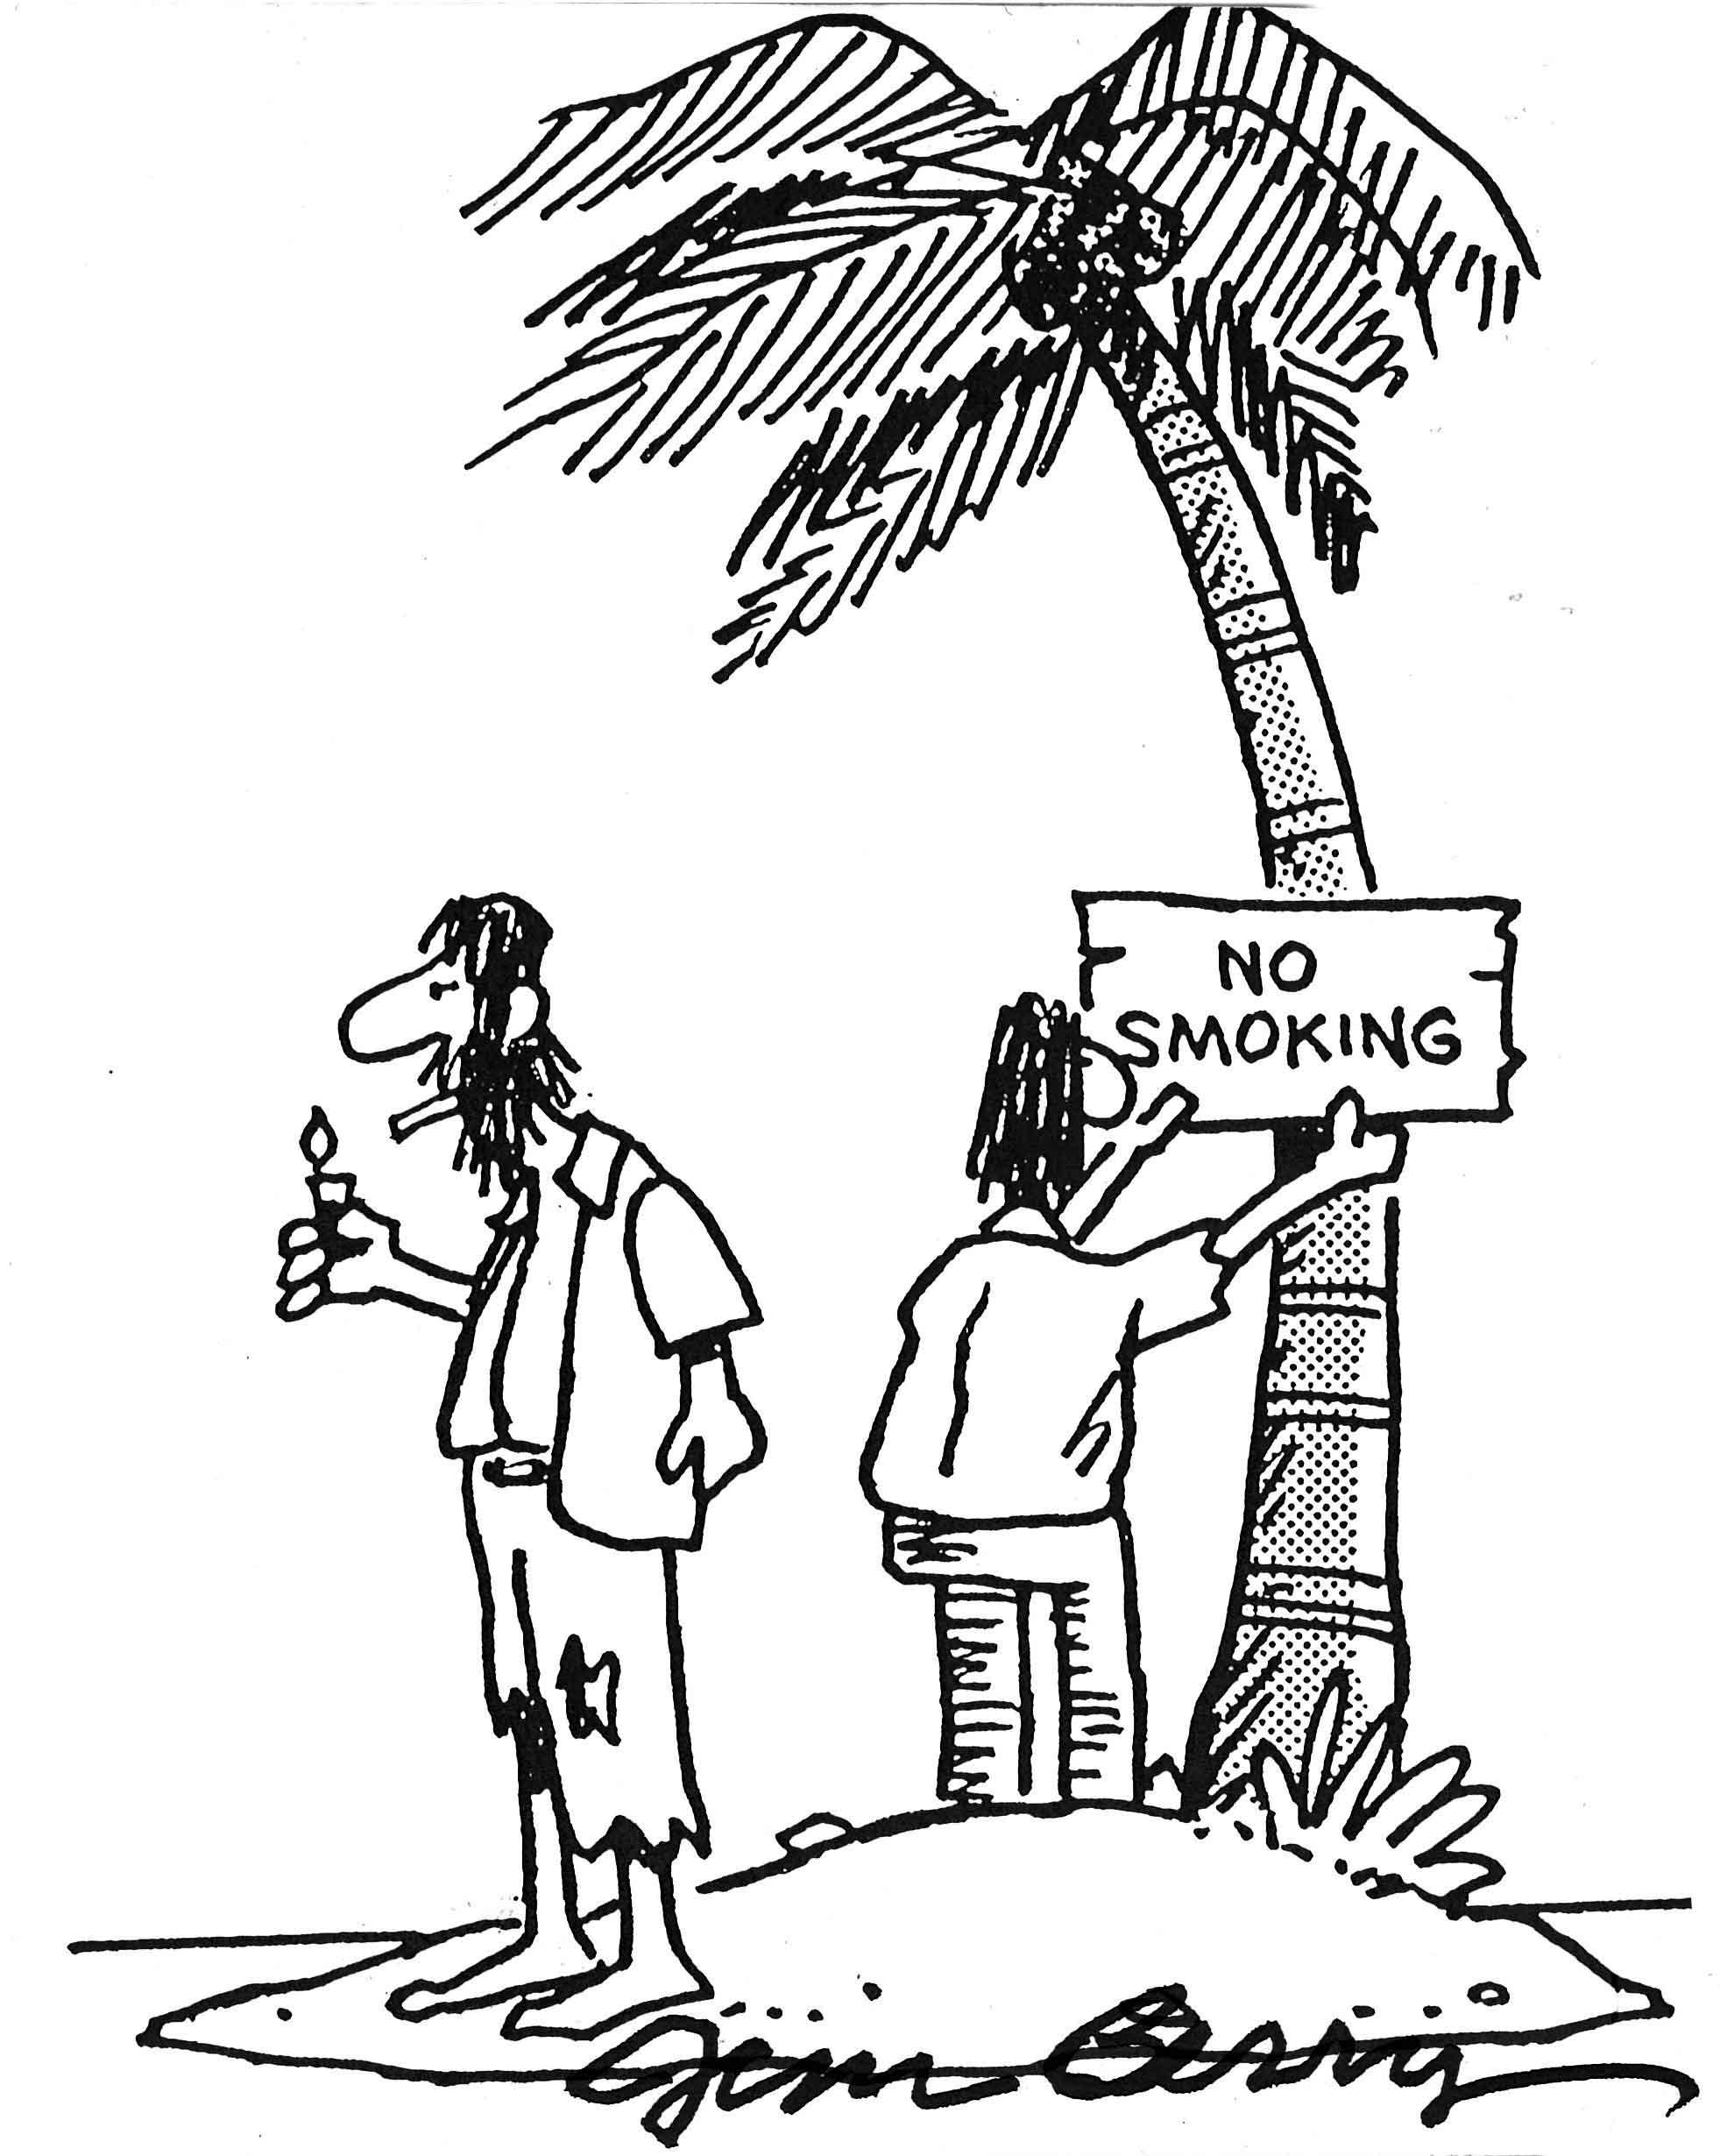 n.d. Jim Berry No Smoking